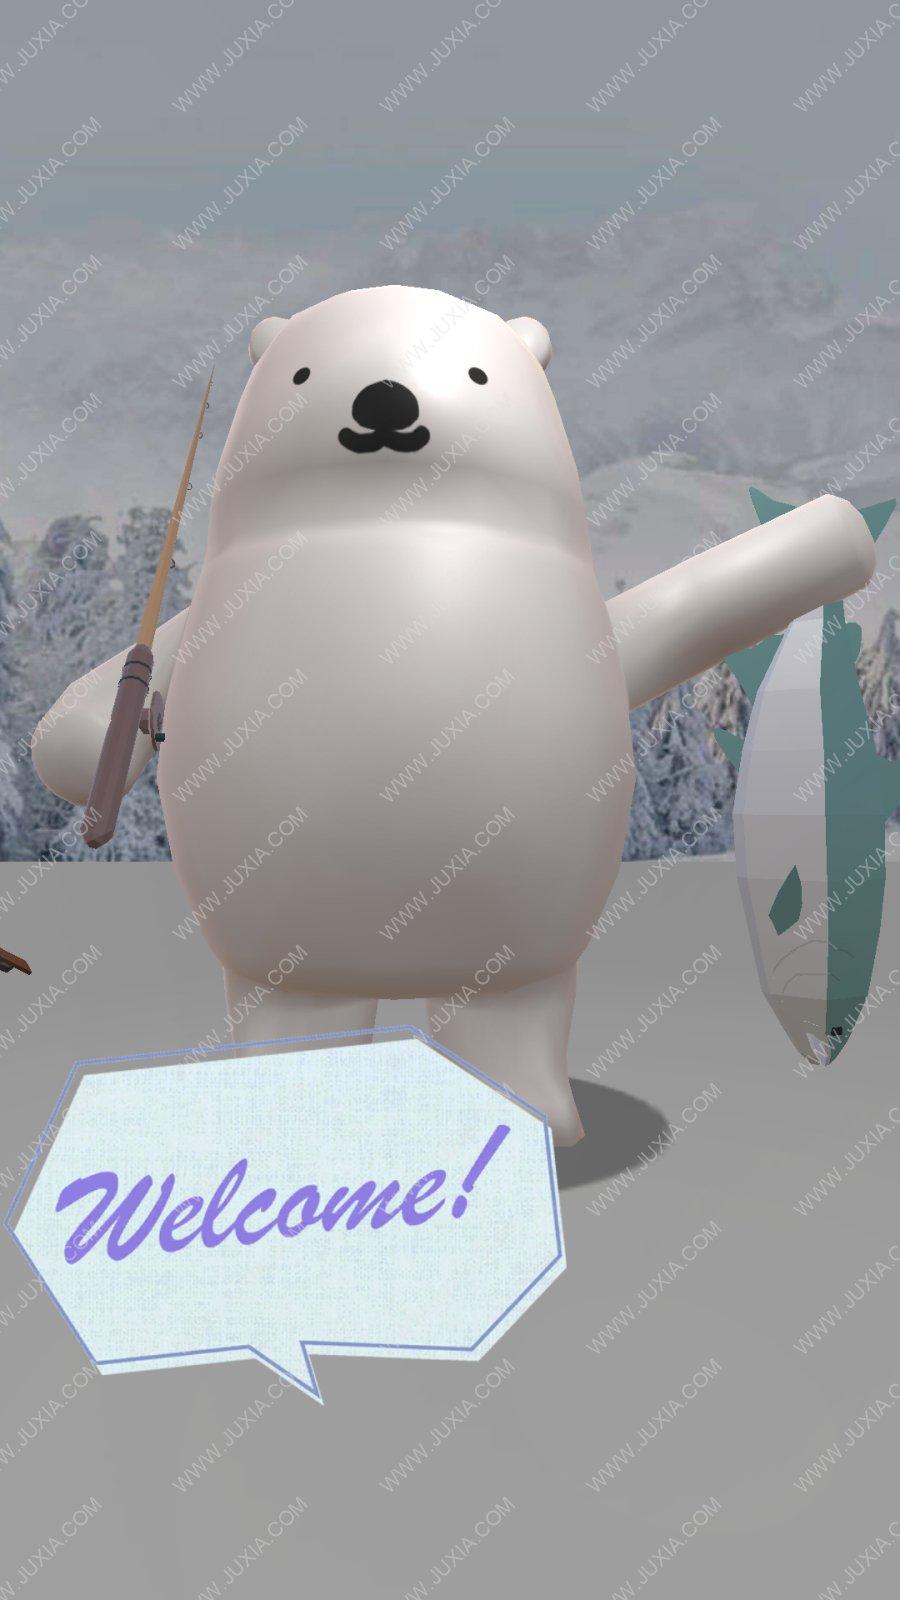 逃脱游戏雪花球和雪景游戏攻略 EscapeGameSnowglobeSnowscape图文详解-迷失攻略组